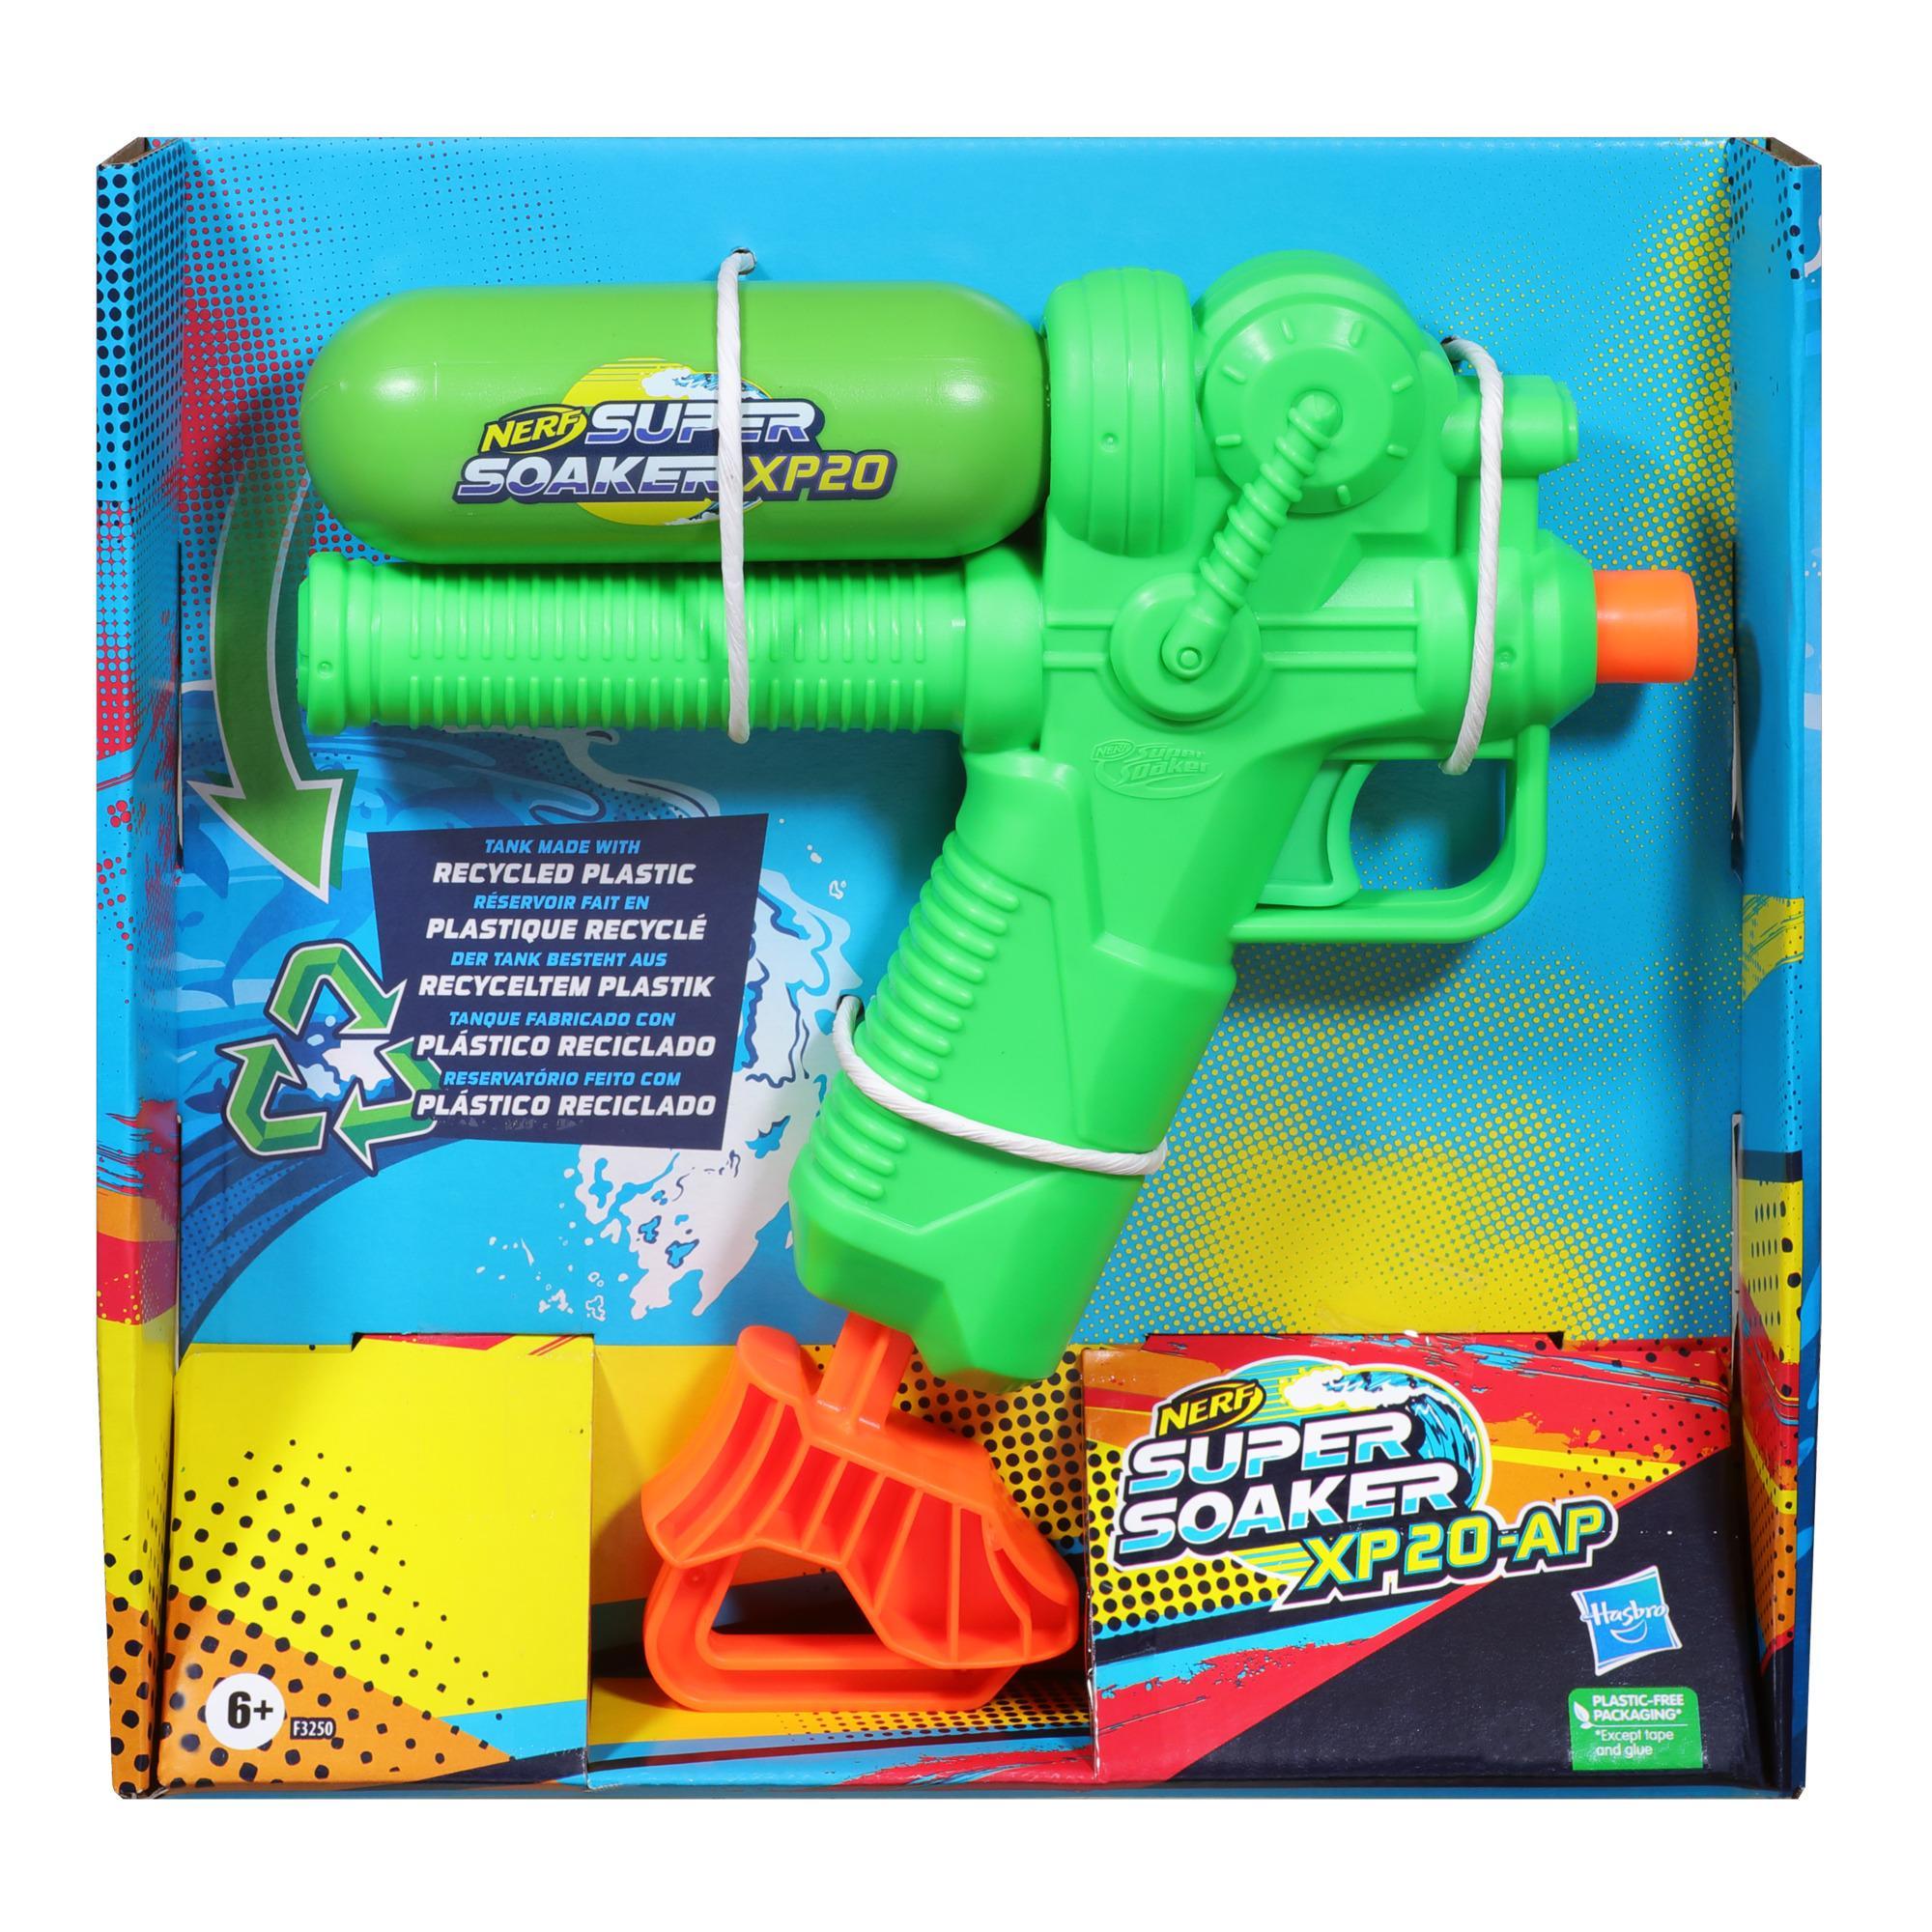 Nerf Super Soaker, blaster à eau XP20-AP, réservoir fait en plastique recyclé, jet d'eau continu à air comprimé